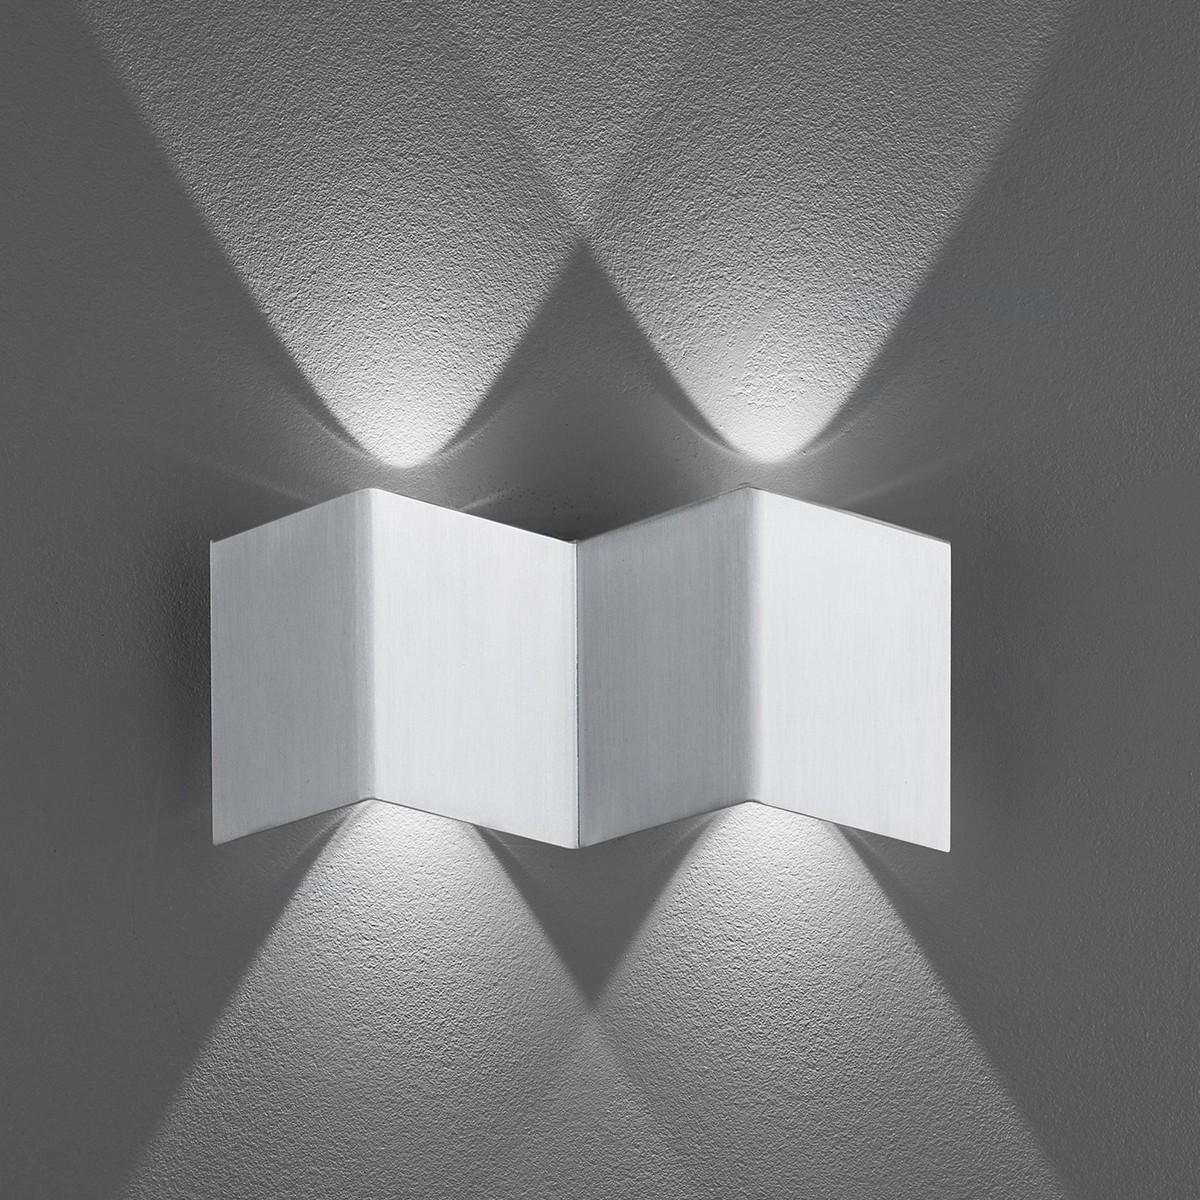 B-Leuchten Prince 40236 Wandleuchte, Aluminium